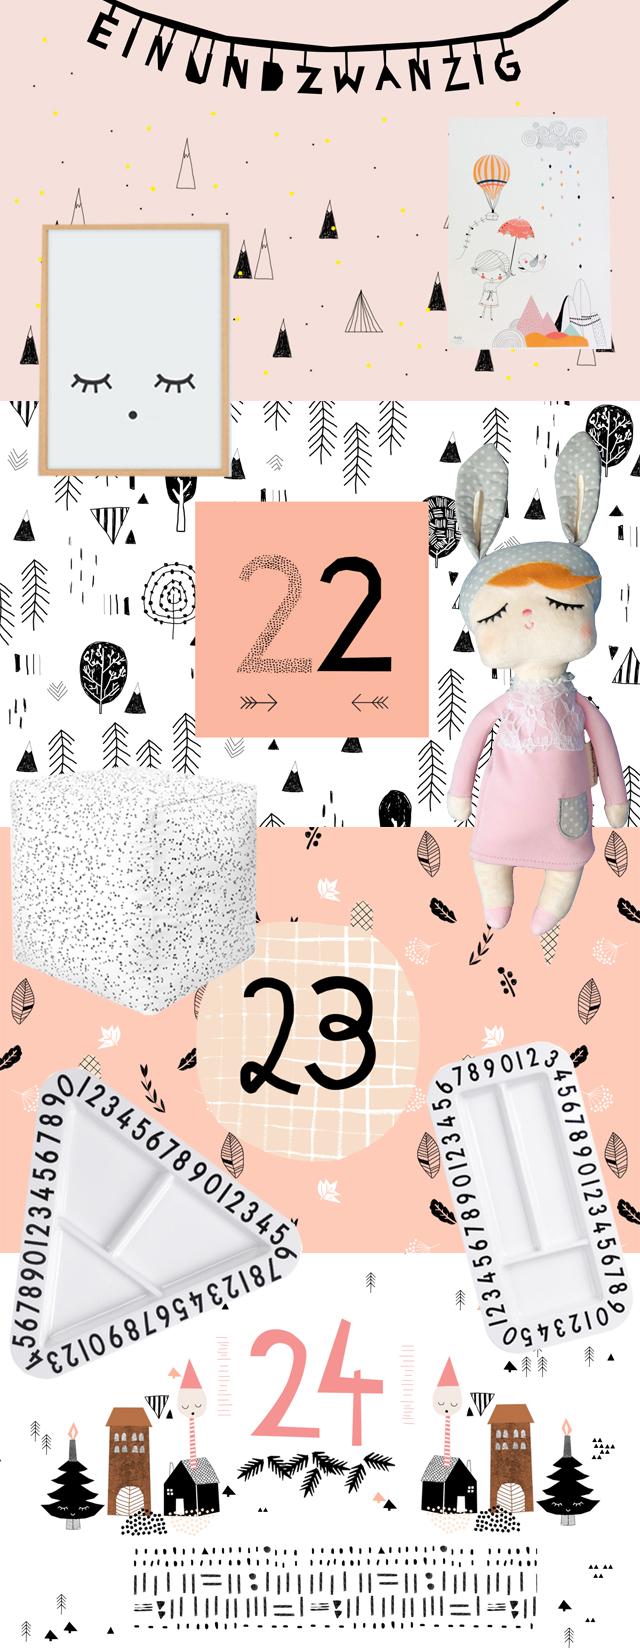 Adventskalender 2015 Weihnachtsverlosung | Pinkepank